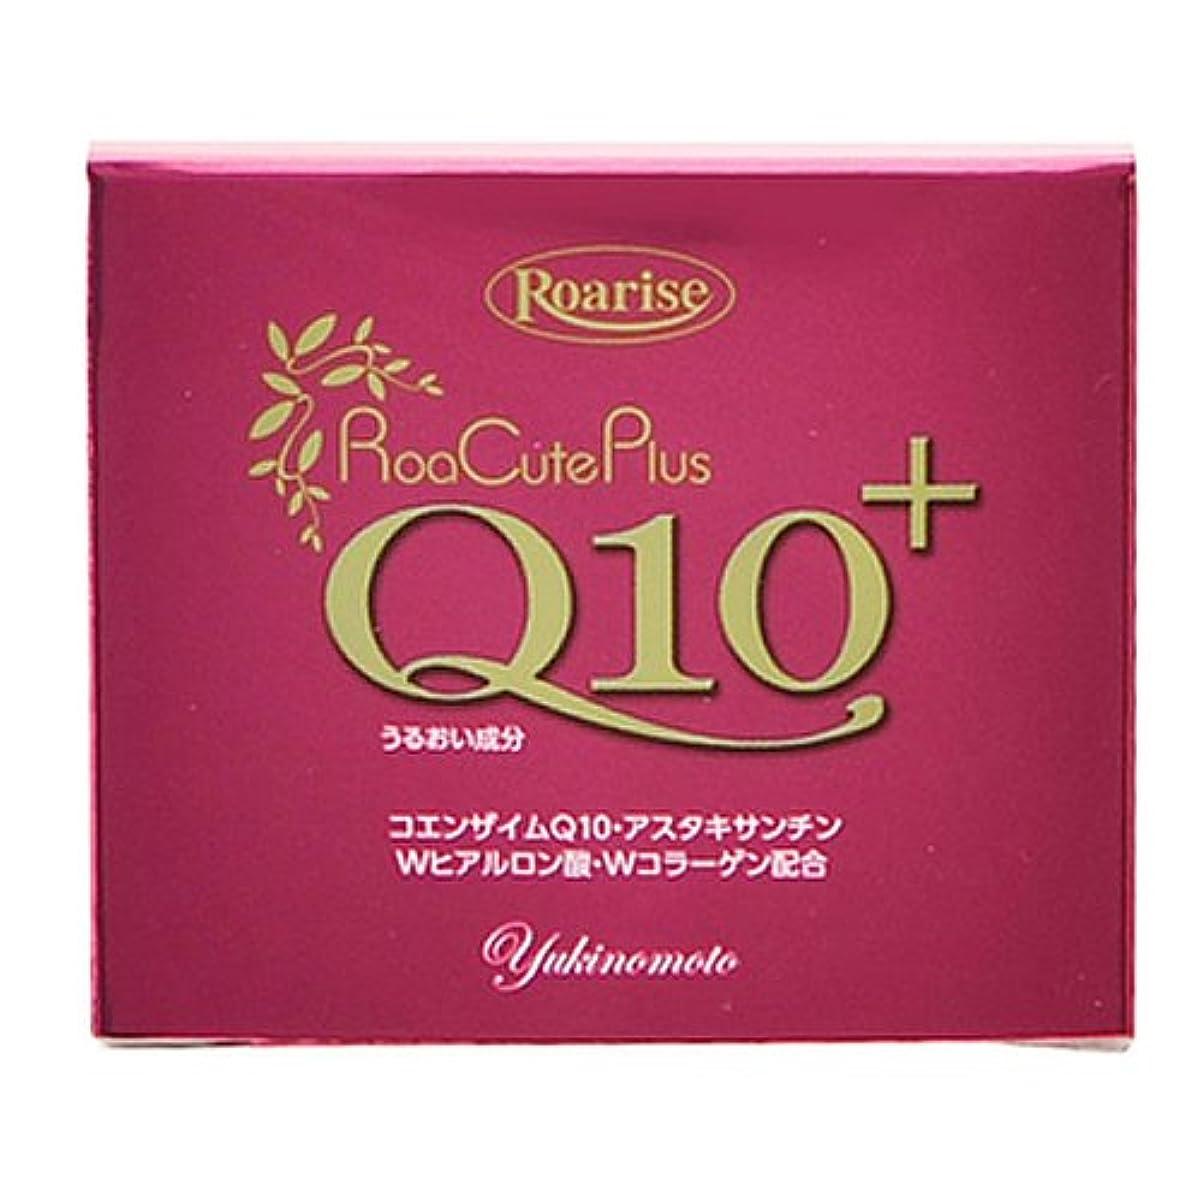 薬用ロアキュートプラス Q10+ 50g 医薬部外品